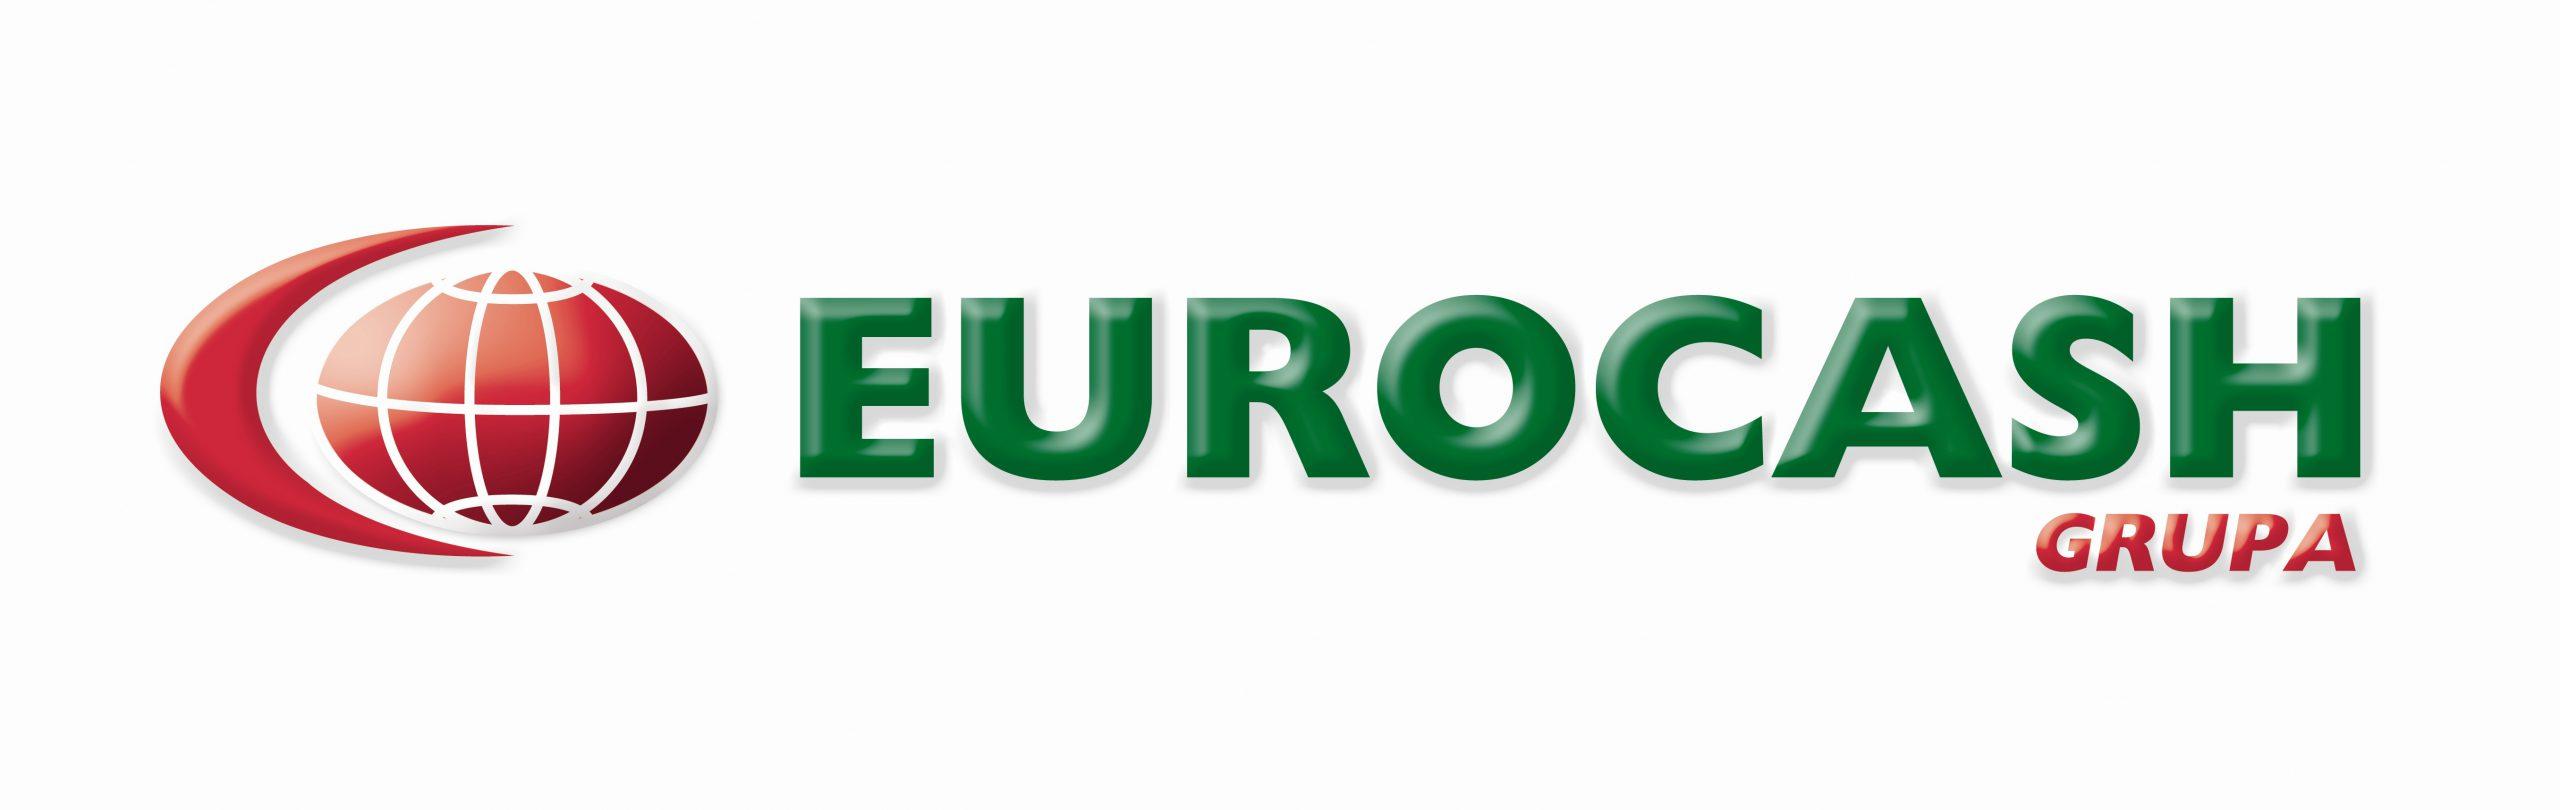 Grupa Eurocash publikuje wyniki za II kwartał 2016 r.